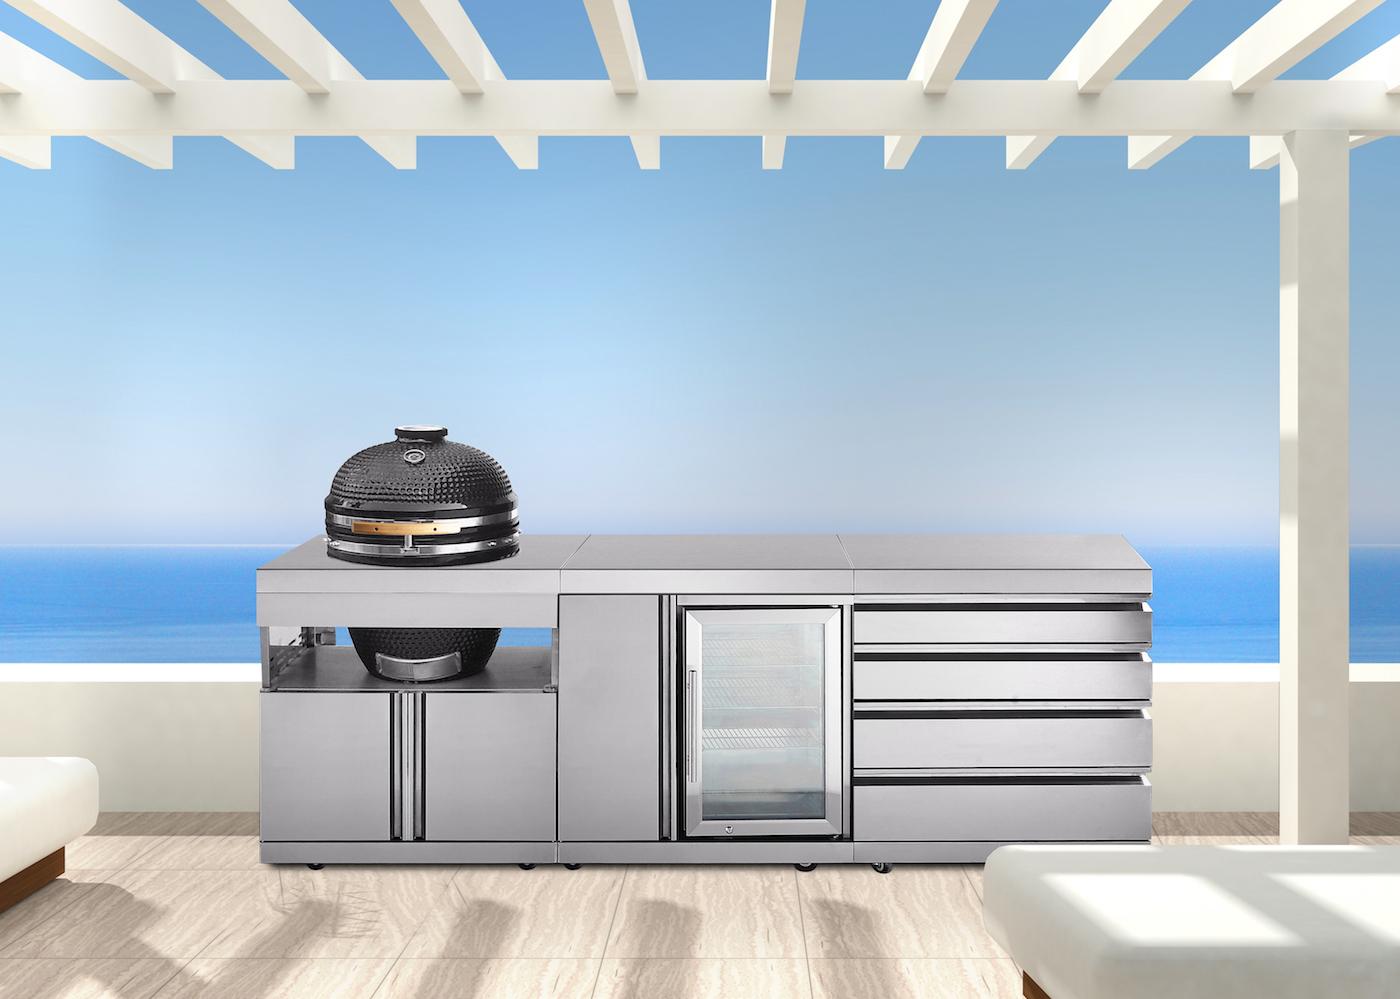 Full Size of Outdoorkche Von Meineoutdoorkchede Amerikanisches Bett Amerikanische Küche Kaufen Betten Outdoor Edelstahl Küchen Regal Wohnzimmer Amerikanische Outdoor Küchen